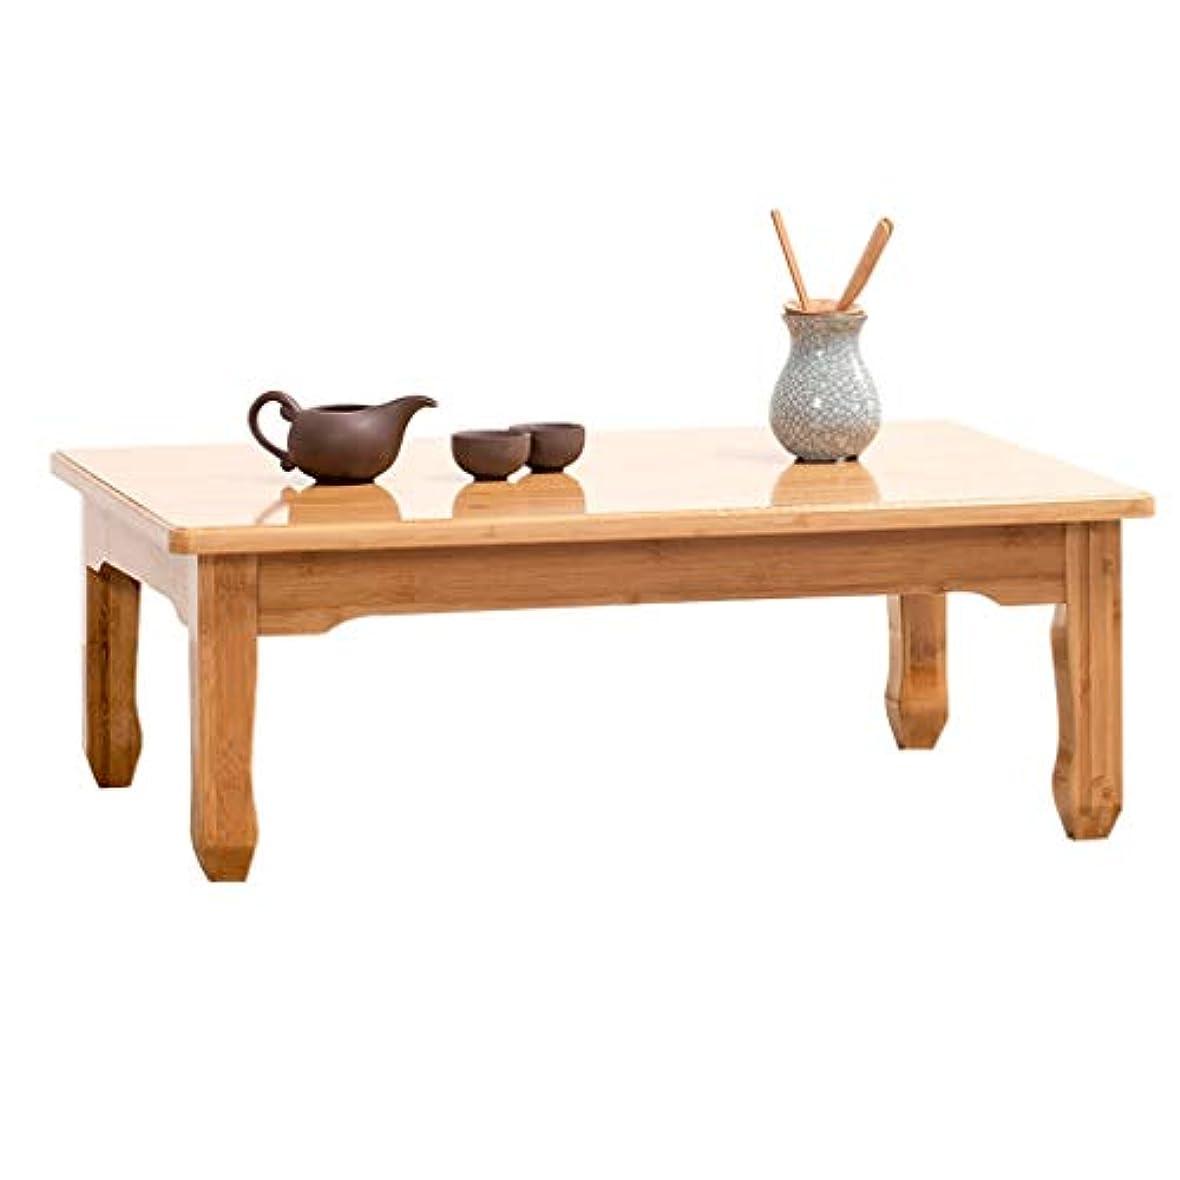 困惑後貞テーブルコーヒーテーブル家庭用畳テーブルバルコニー出窓茶テーブル多機能小茶テーブルリビングルームのテーブルギフト (Color : YELLOW, Size : 80*60*25CM)